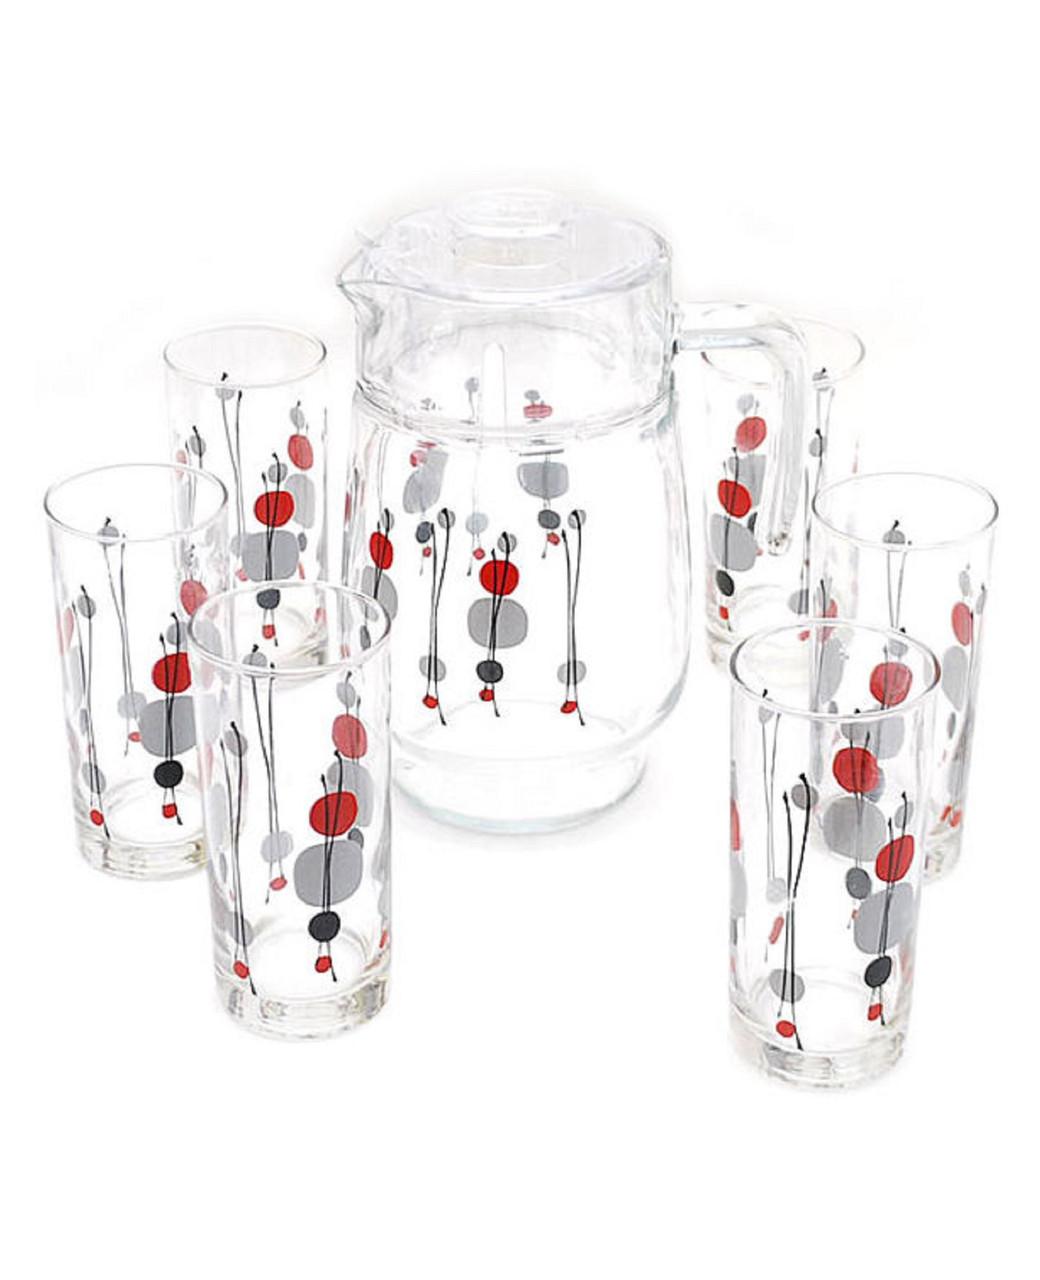 Графин со стаканами Luminarc Kyoko White (7 предметов)